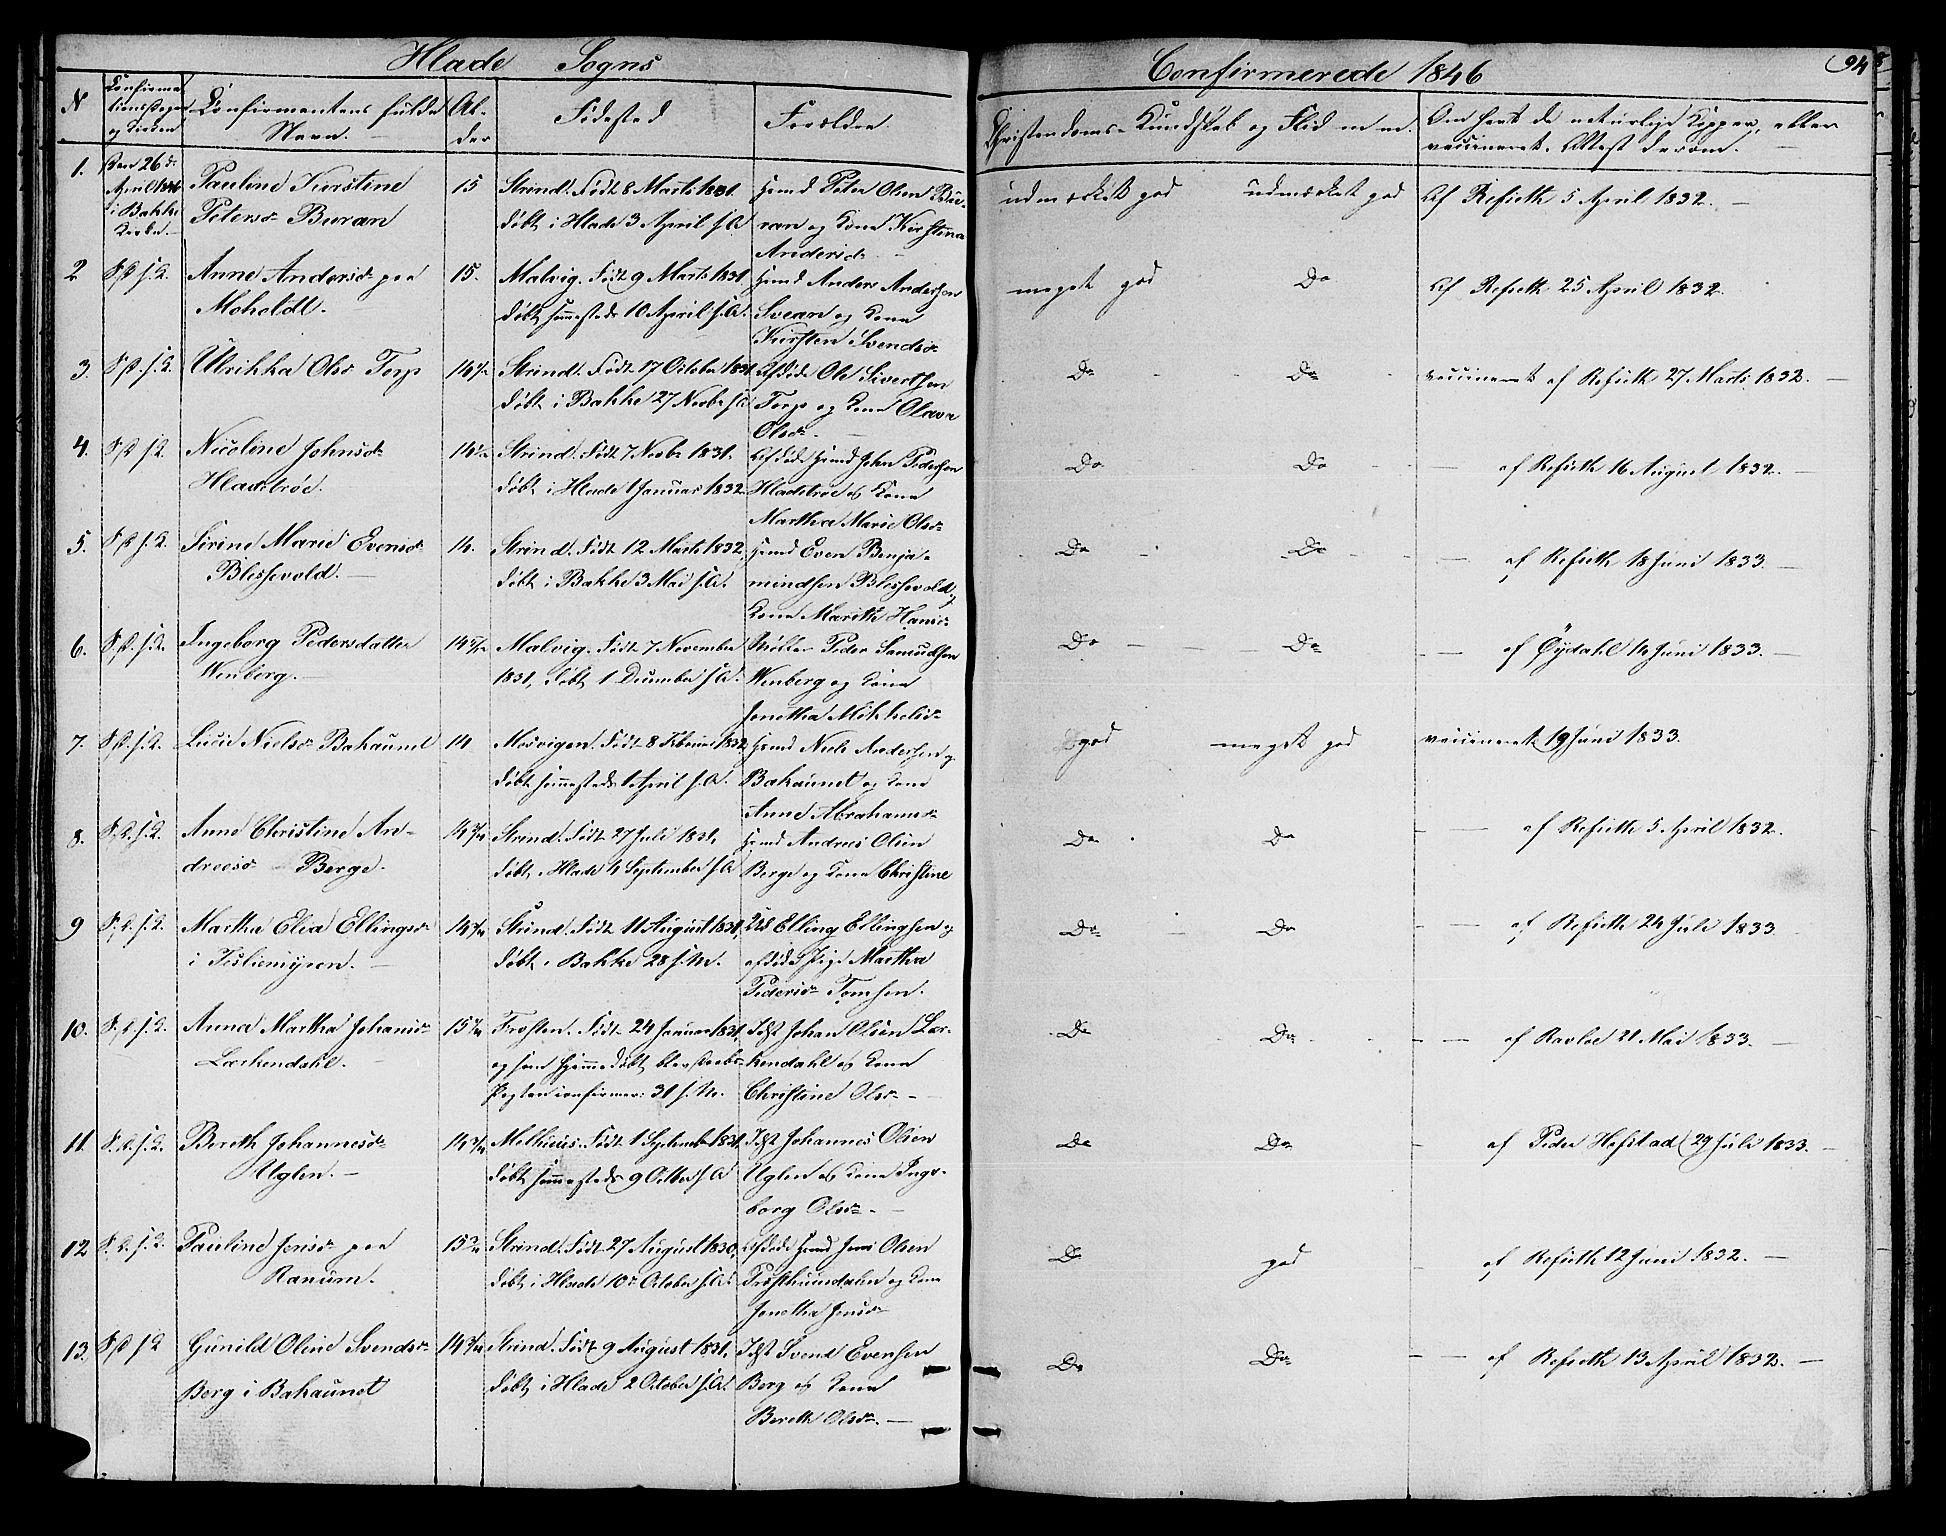 SAT, Ministerialprotokoller, klokkerbøker og fødselsregistre - Sør-Trøndelag, 606/L0309: Klokkerbok nr. 606C05, 1841-1849, s. 94